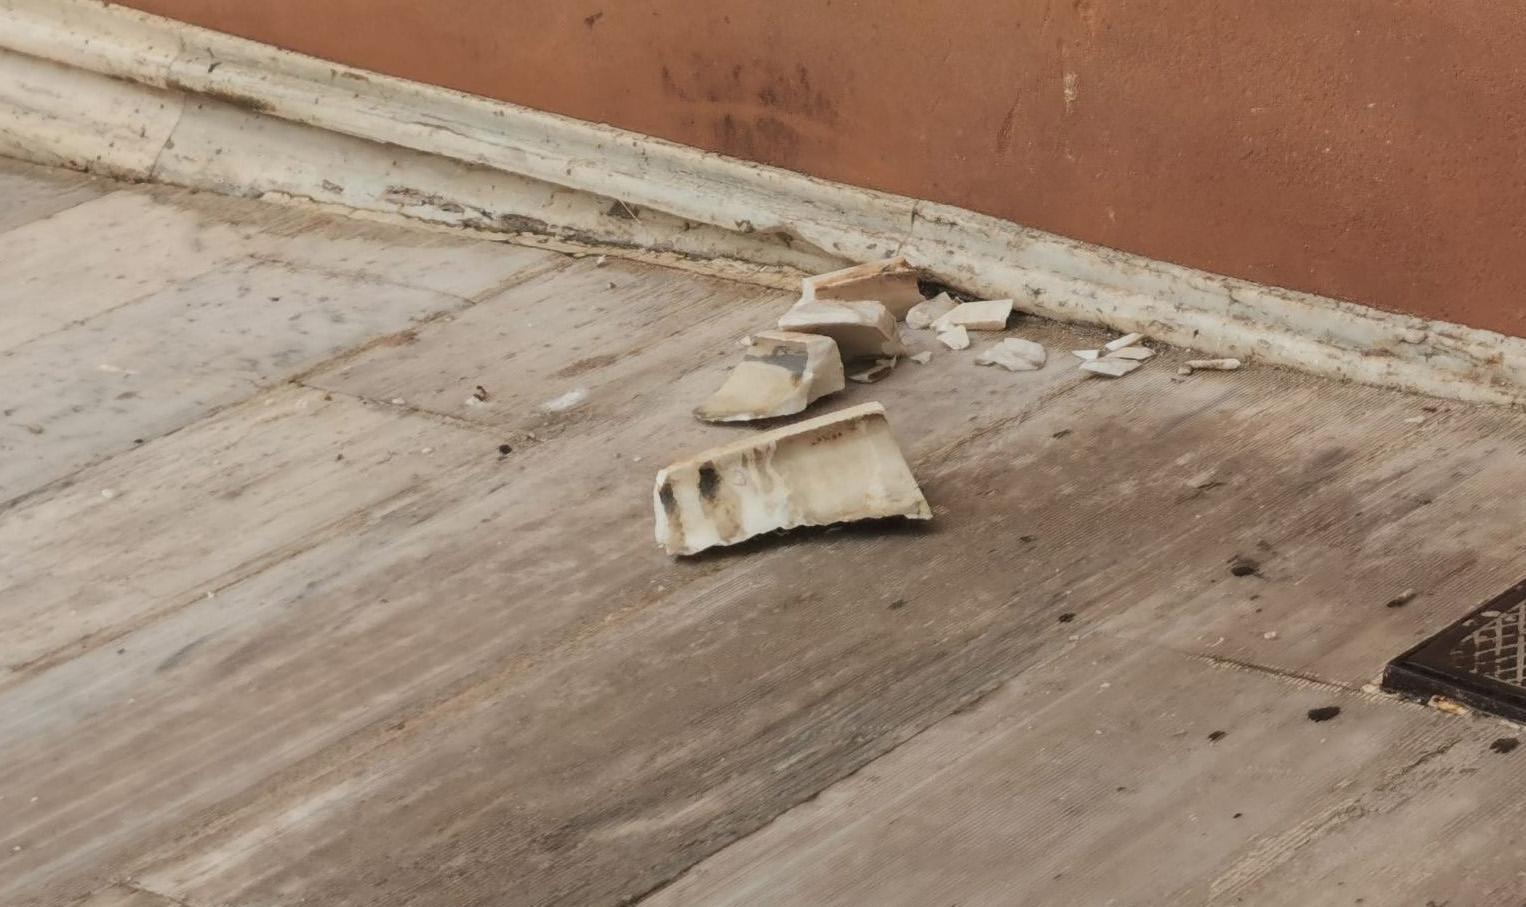 Καιρός – κακοκαιρία «Μπάλλος»: Χτύπησε και την Βουλή! Πλημμύρες και πτώση μαρμάρων